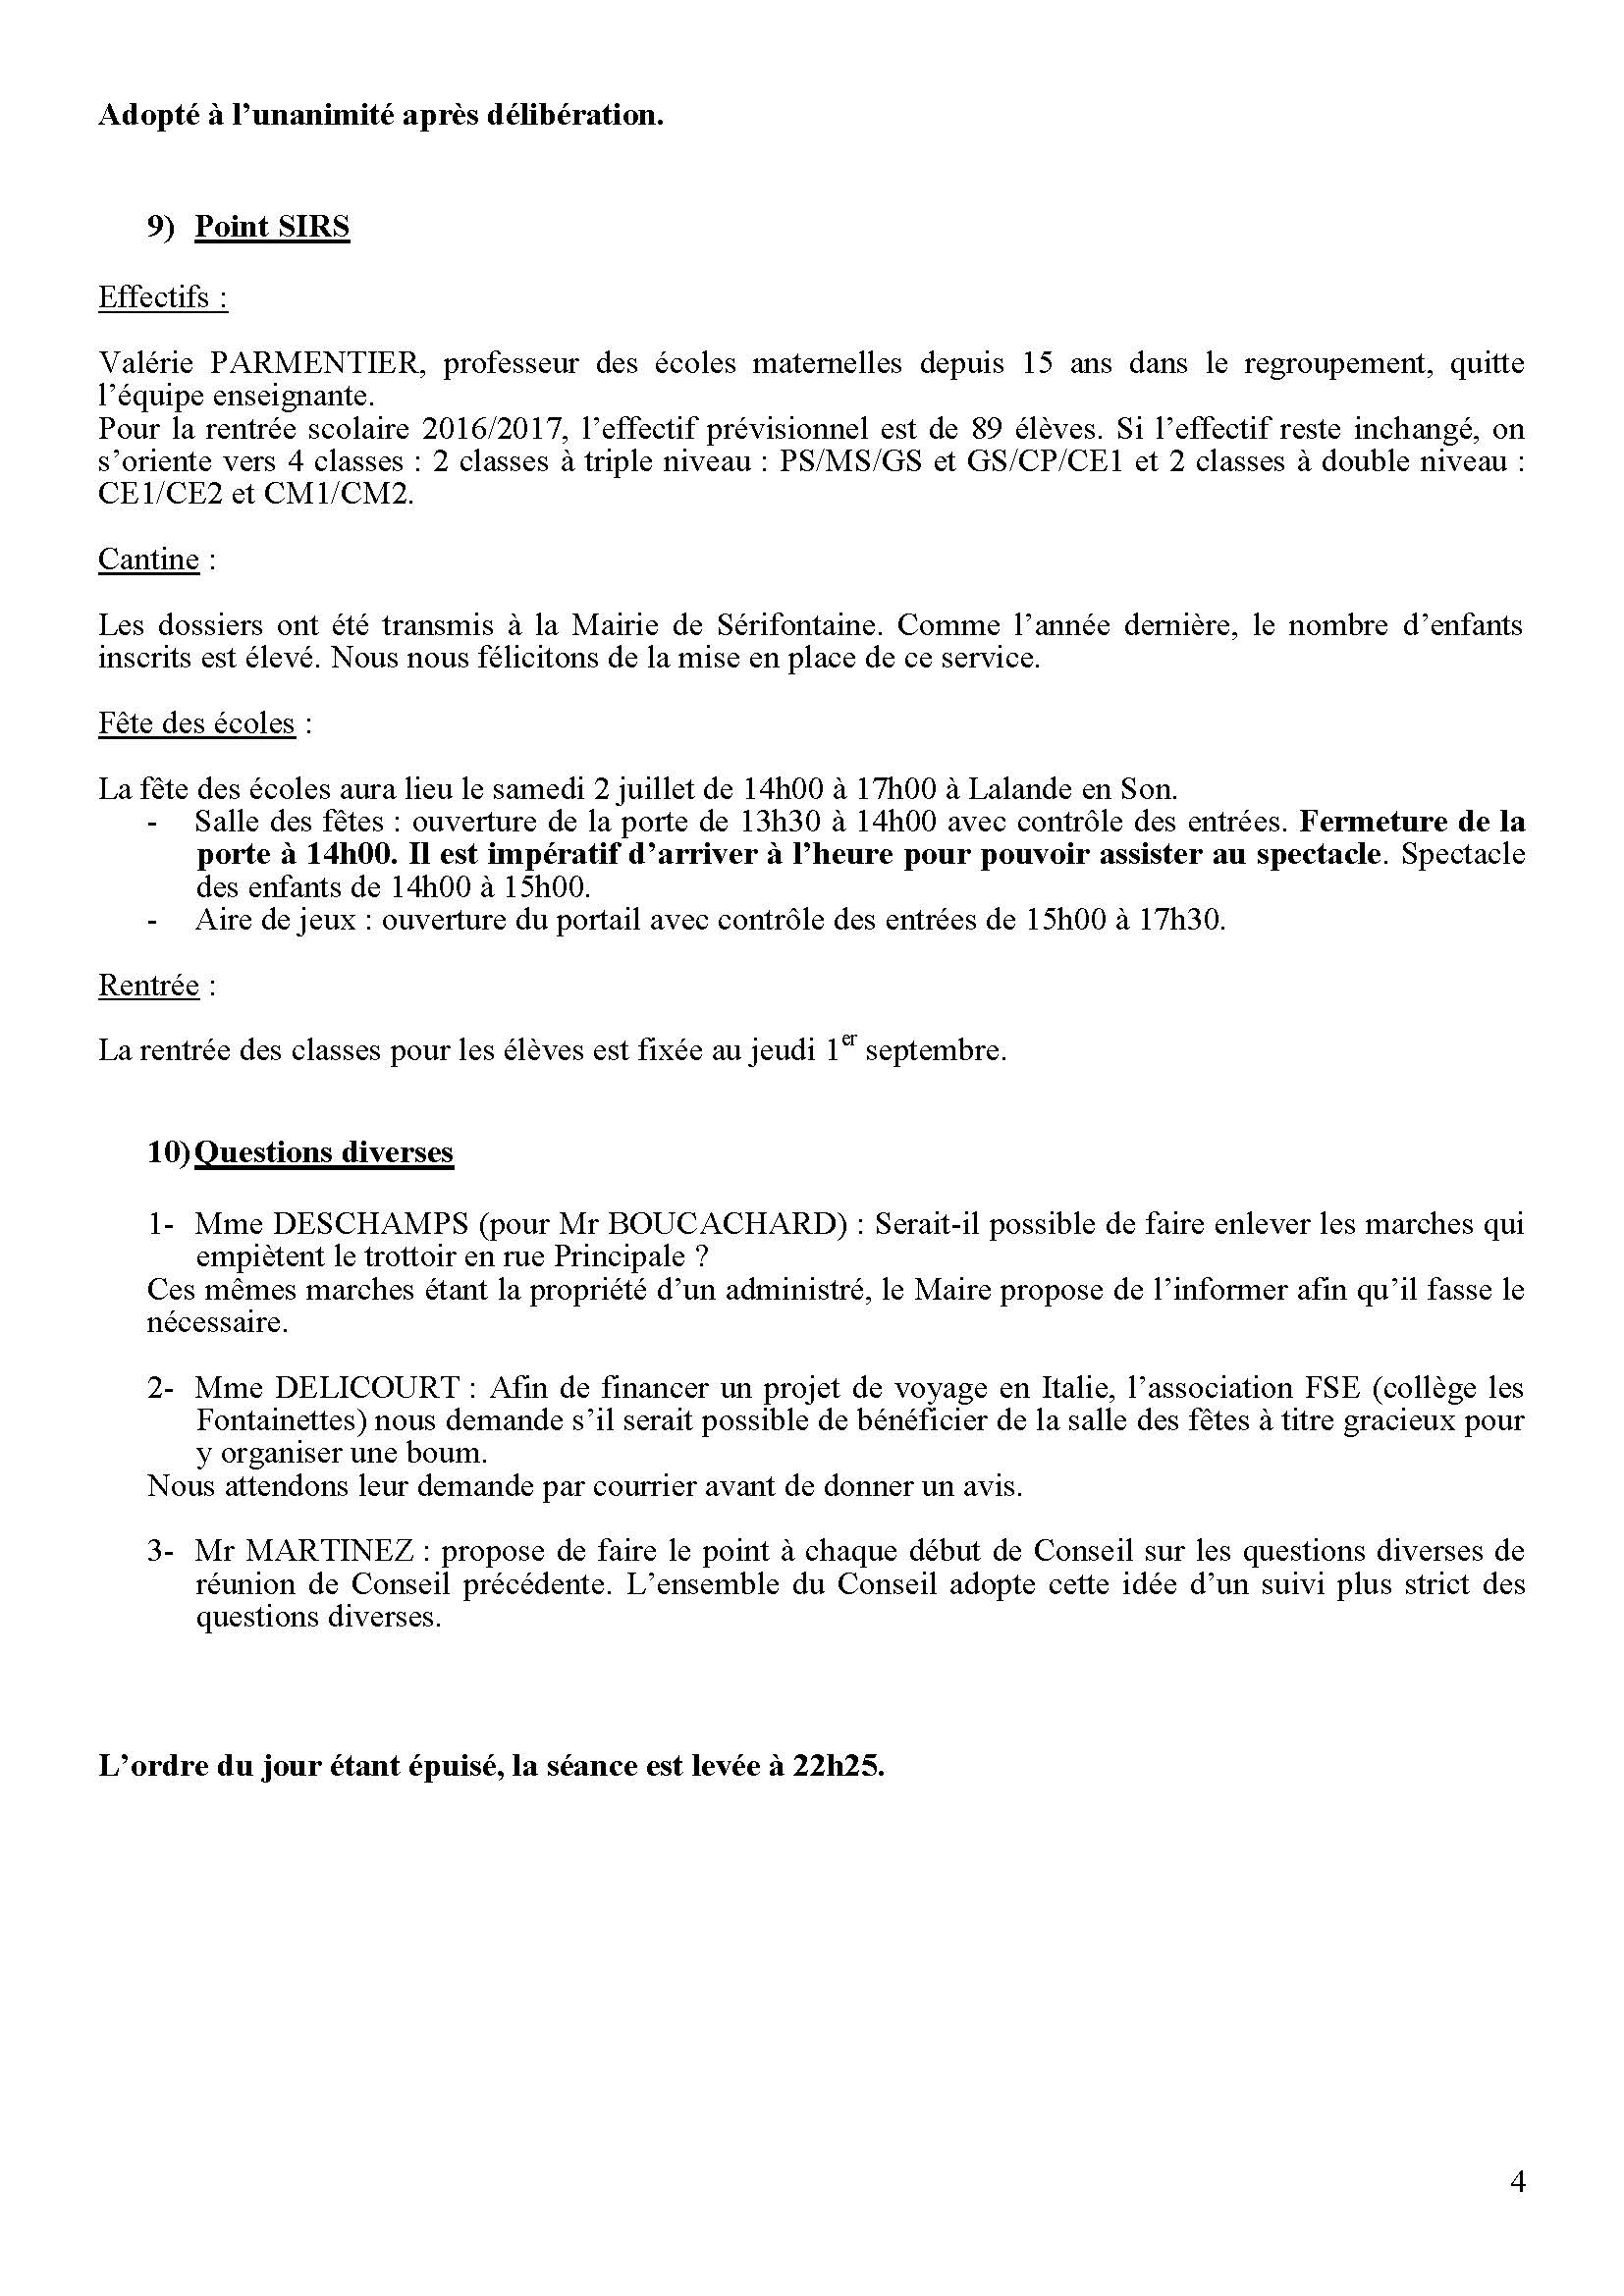 cr-du-24062016-page-4